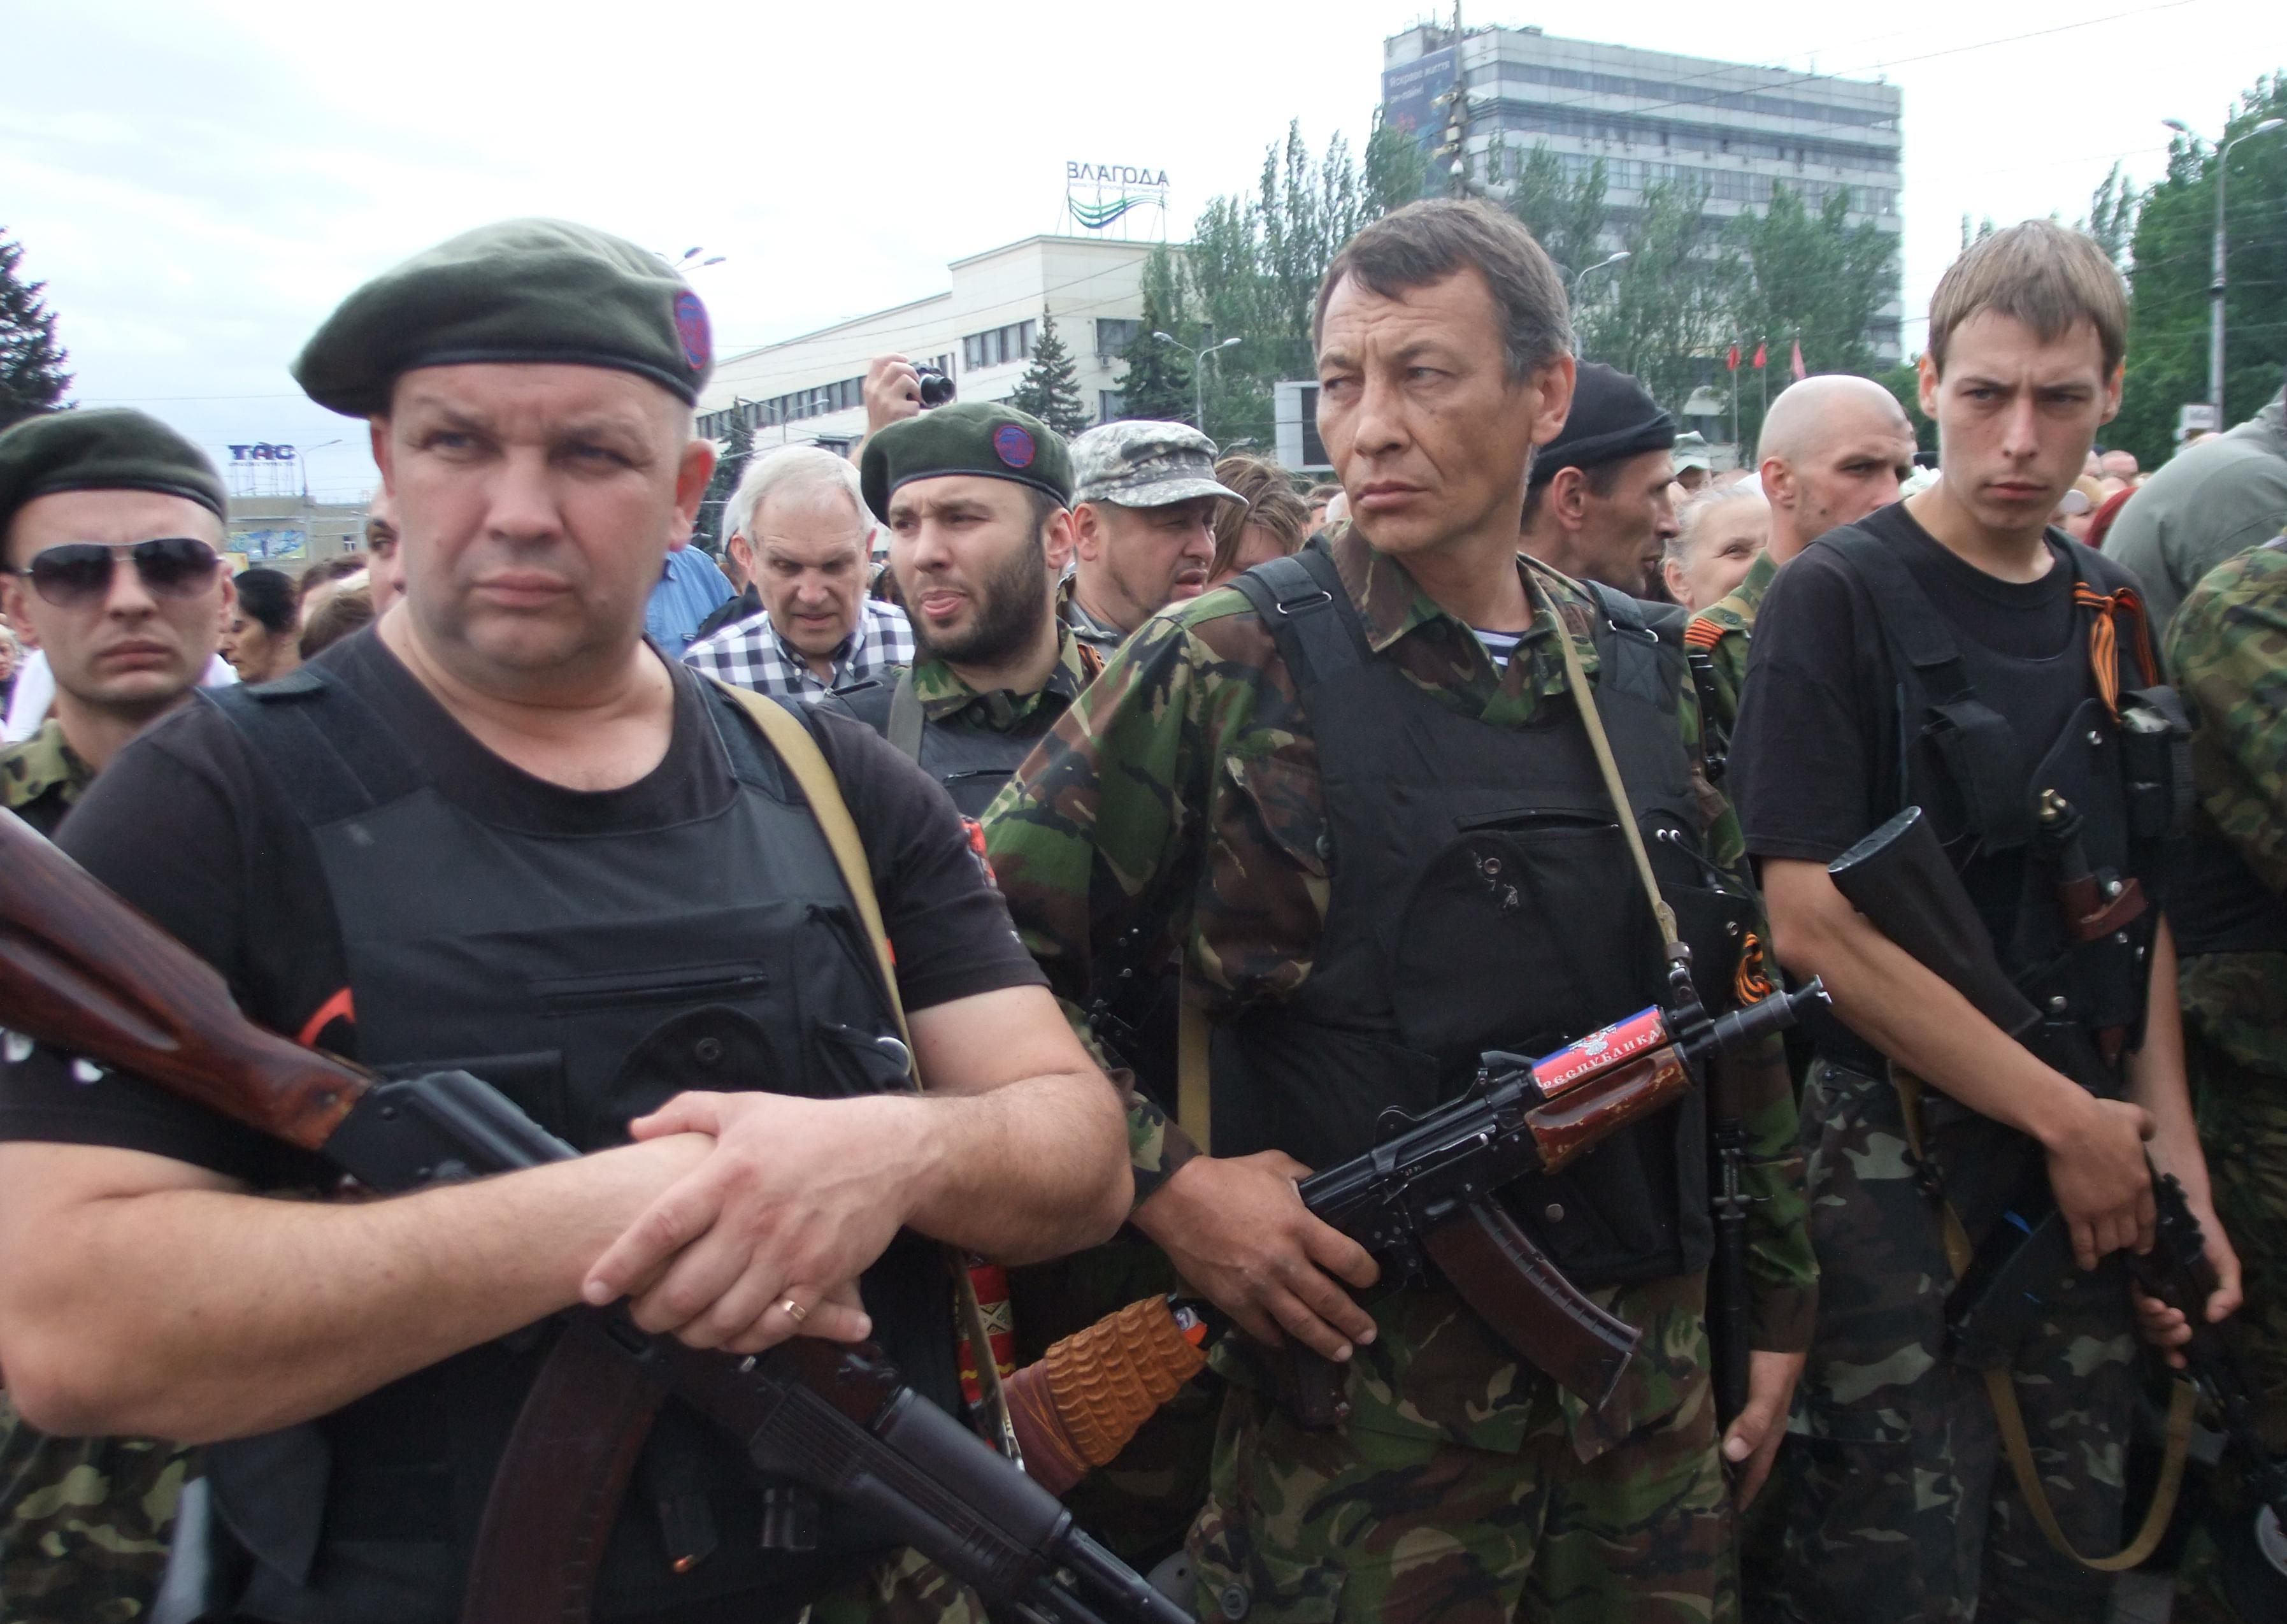 Бойцы народного ополчения Донбасса на церемонии принятия присяги